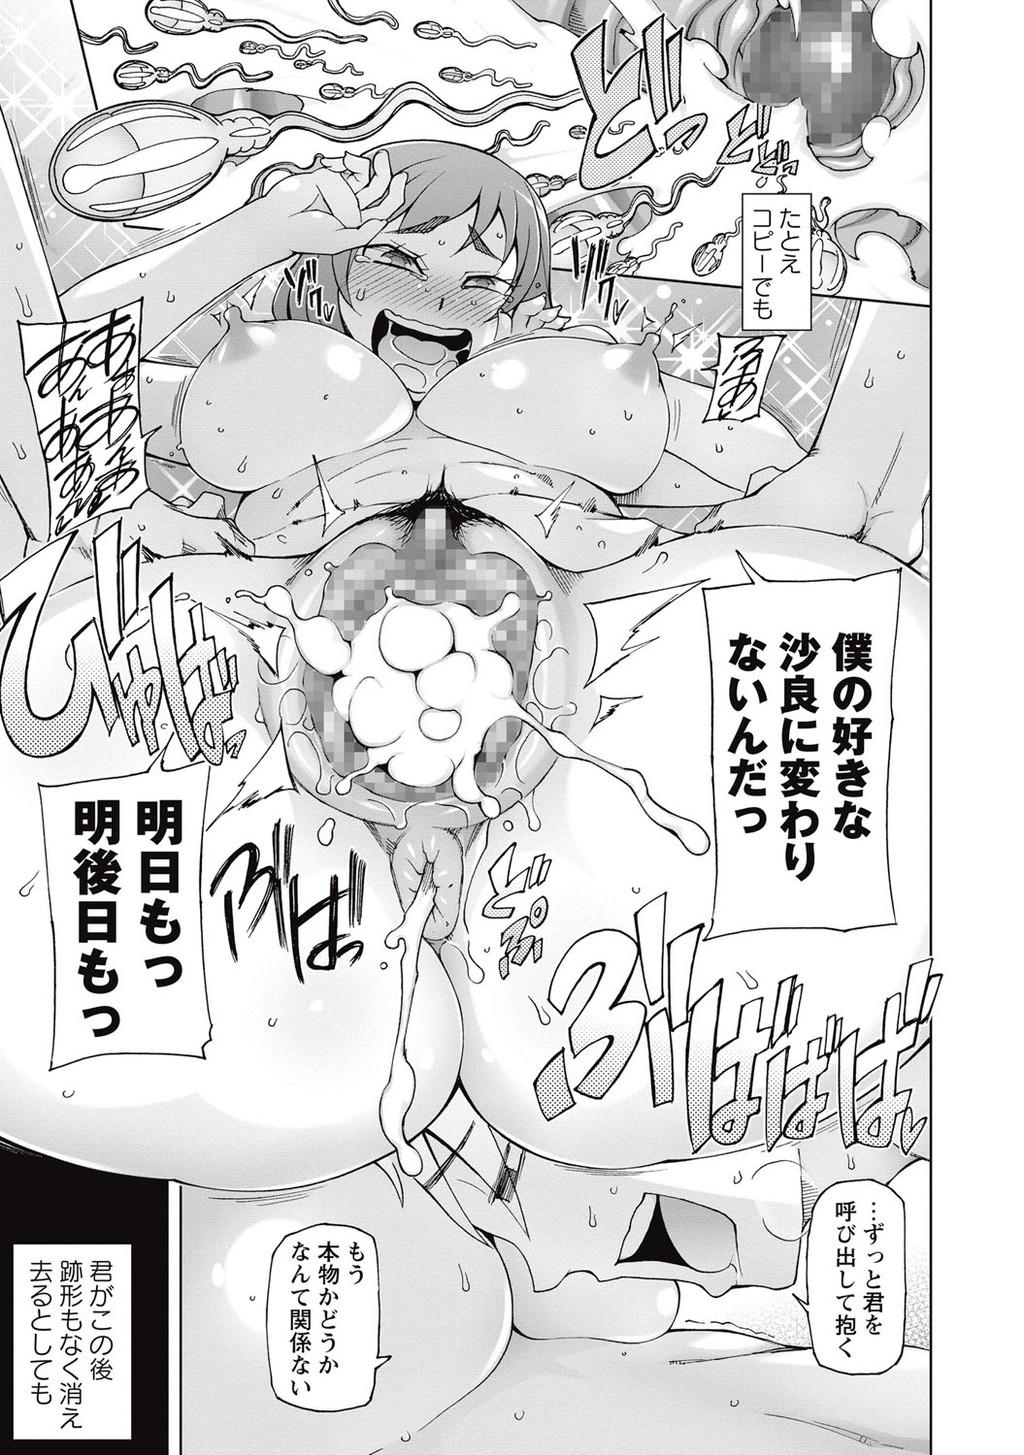 【エロ漫画】好きな女を完全コピーできるなら、お前等もこんな風に俺と同じことするよな…?